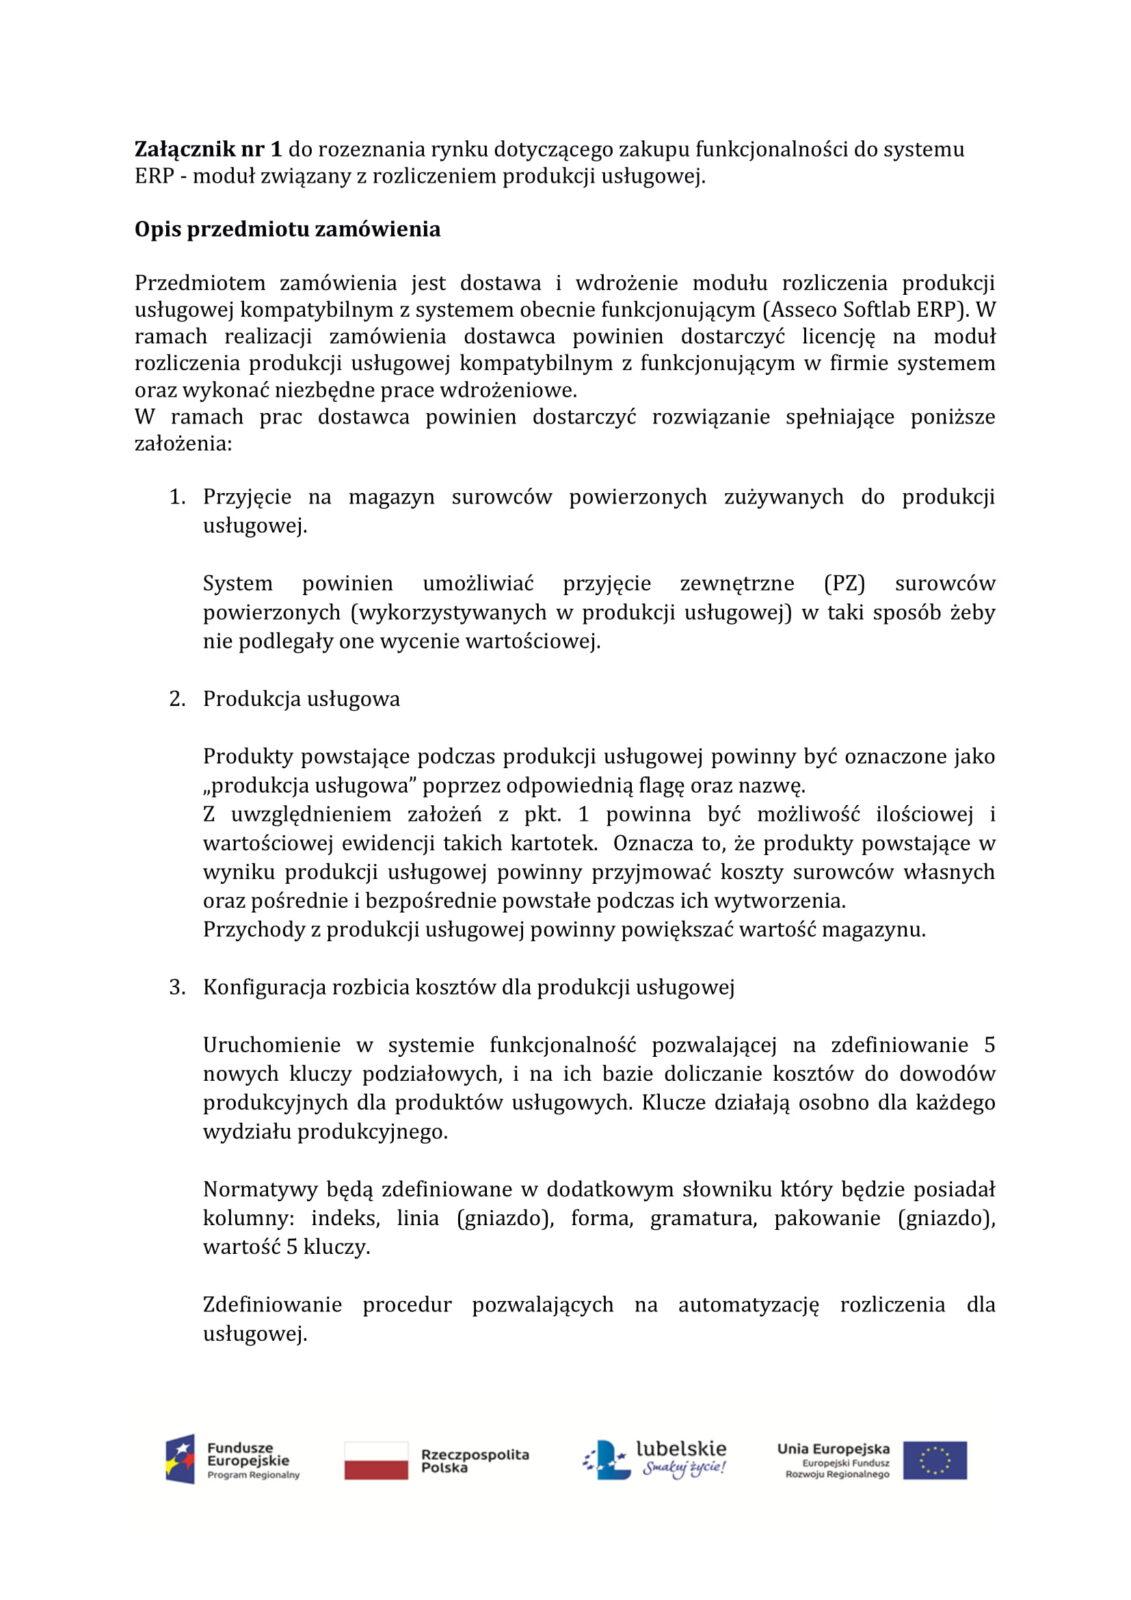 https://sofood.pl/wp-content/uploads/2021/01/Zalacznik-nr-1-opis-przedmiotu-zamowienia-13.01.20-1.pdf